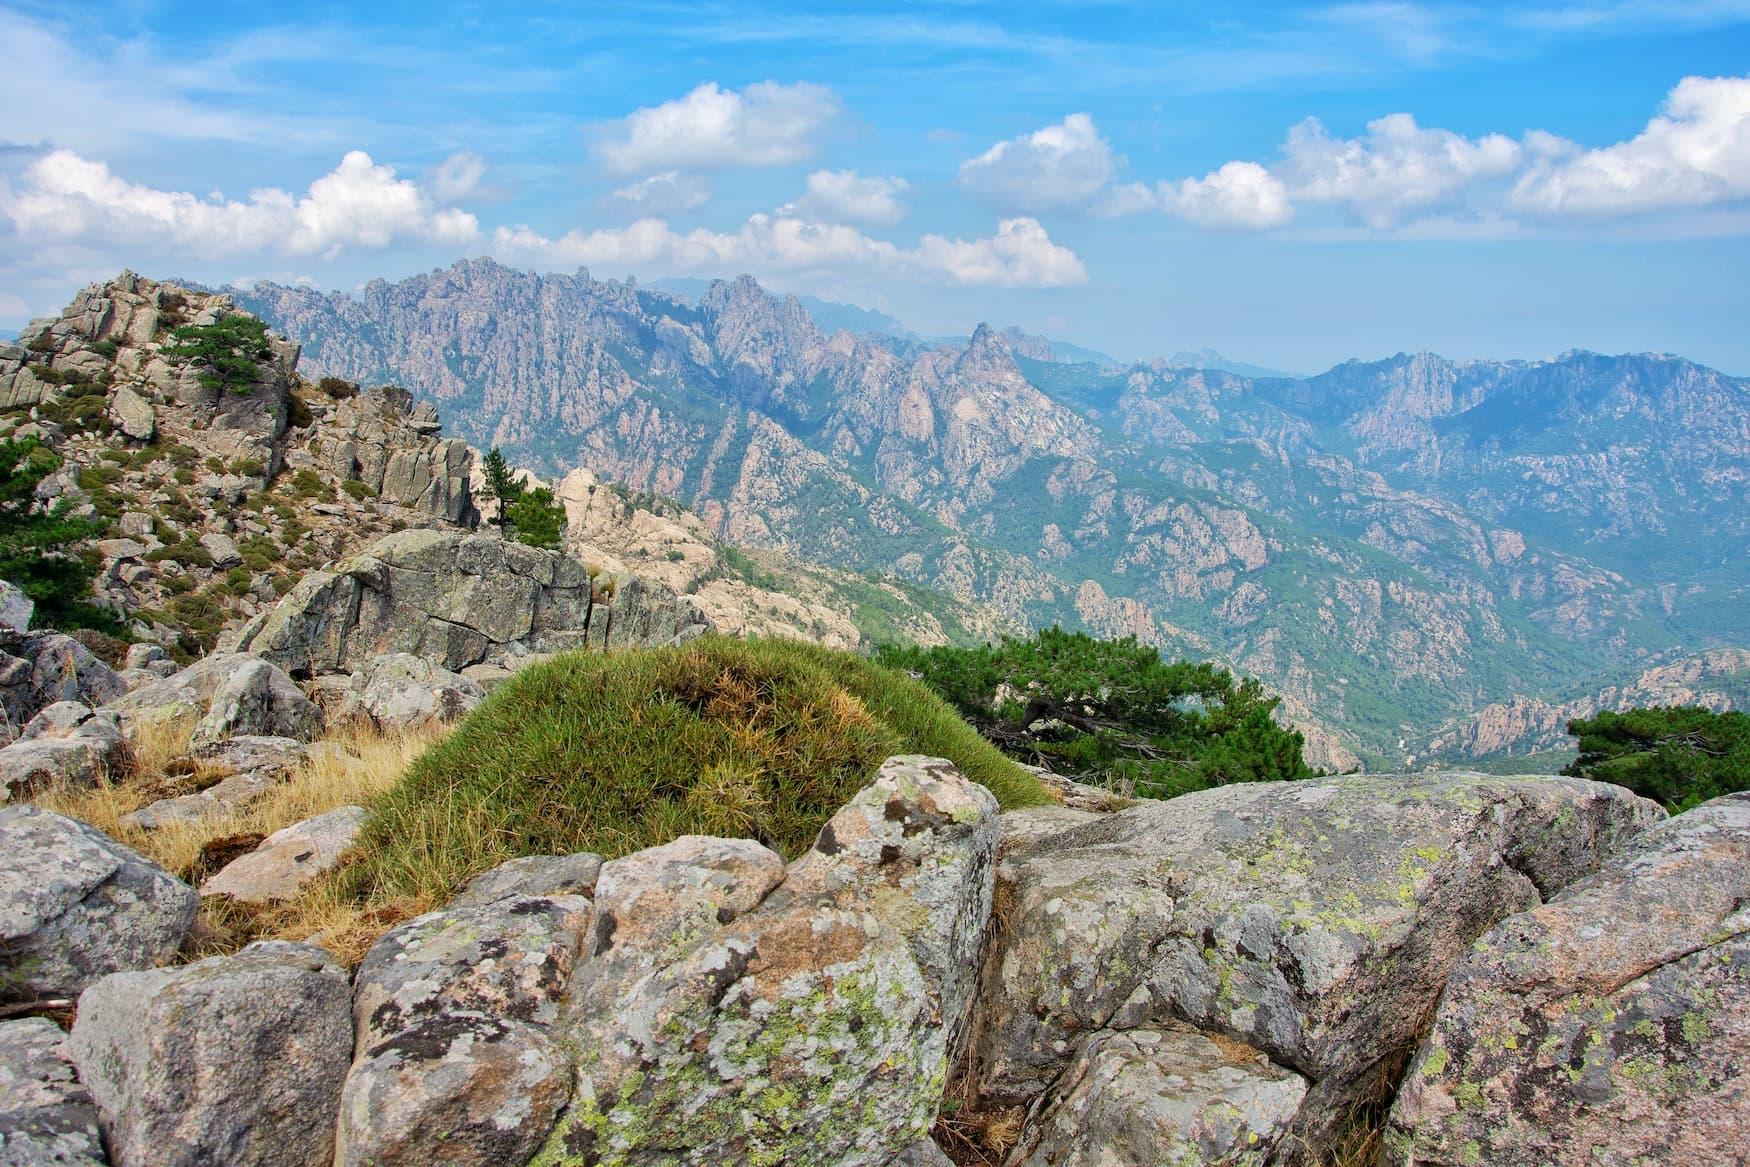 Gebirge auf Korsika. Eine Wanderung zählt definitiv zu unseren Koserika-Tipps für eure nächste Reise